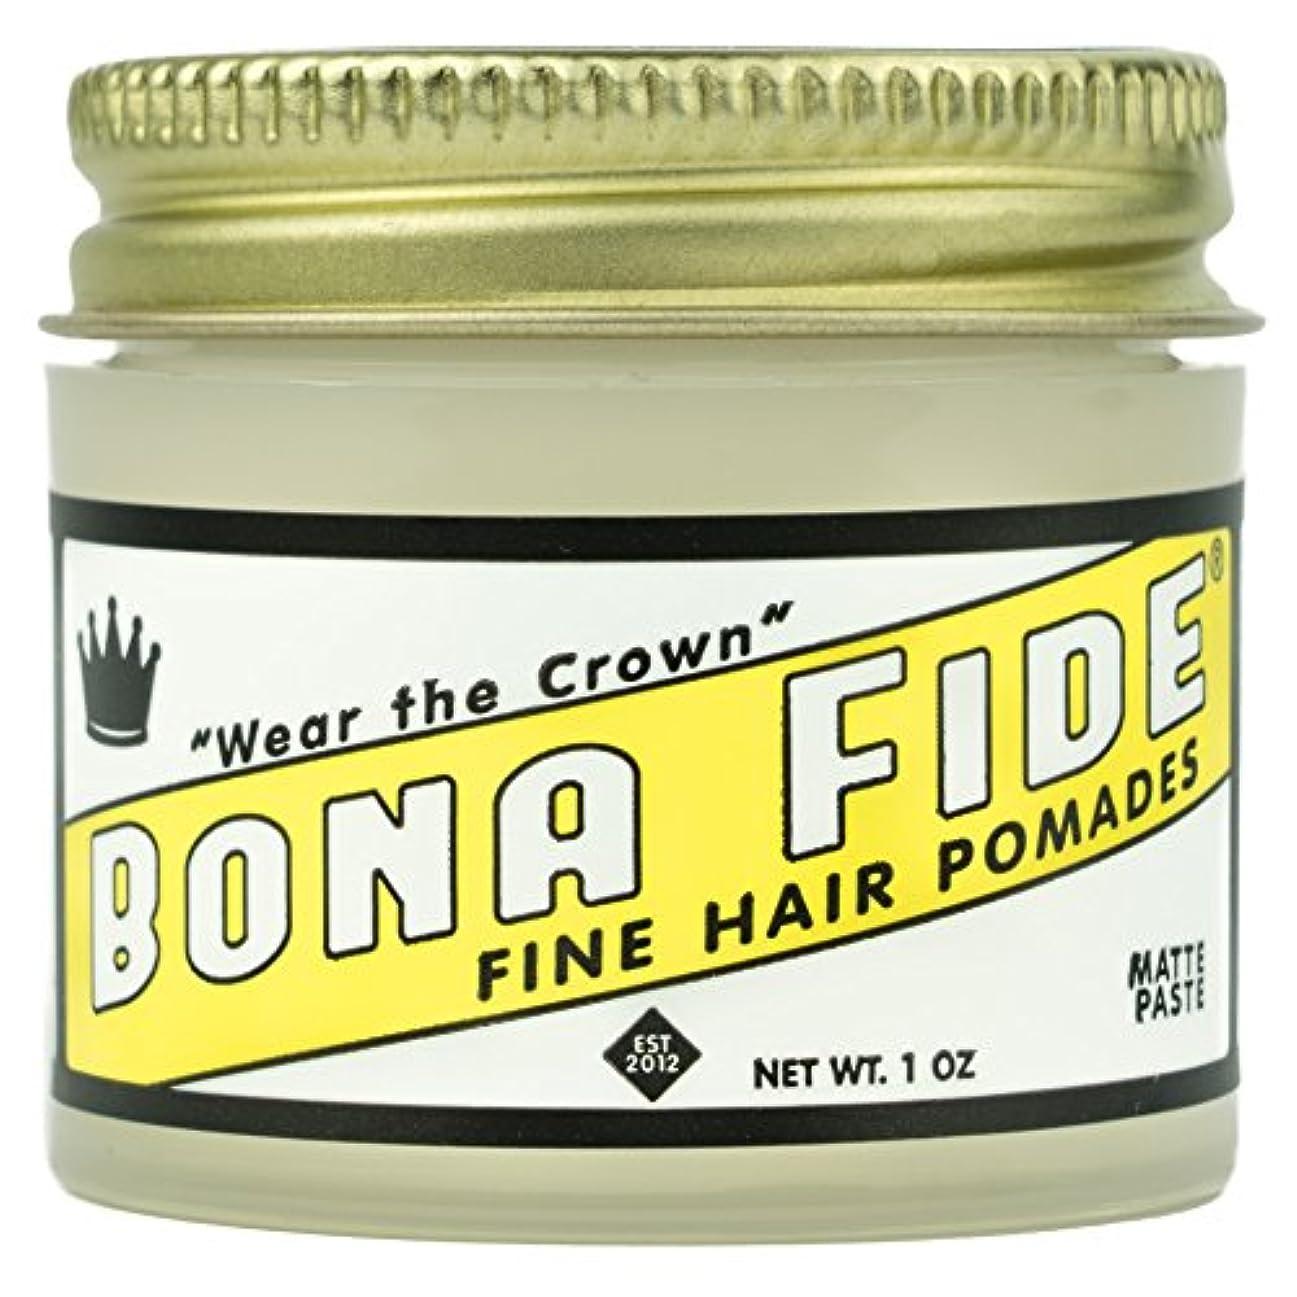 旅行シェトランド諸島ステレオタイプBona Fide Pomade, マットペースト 1oz (28g) / トラベルサイズ,水性/グリース